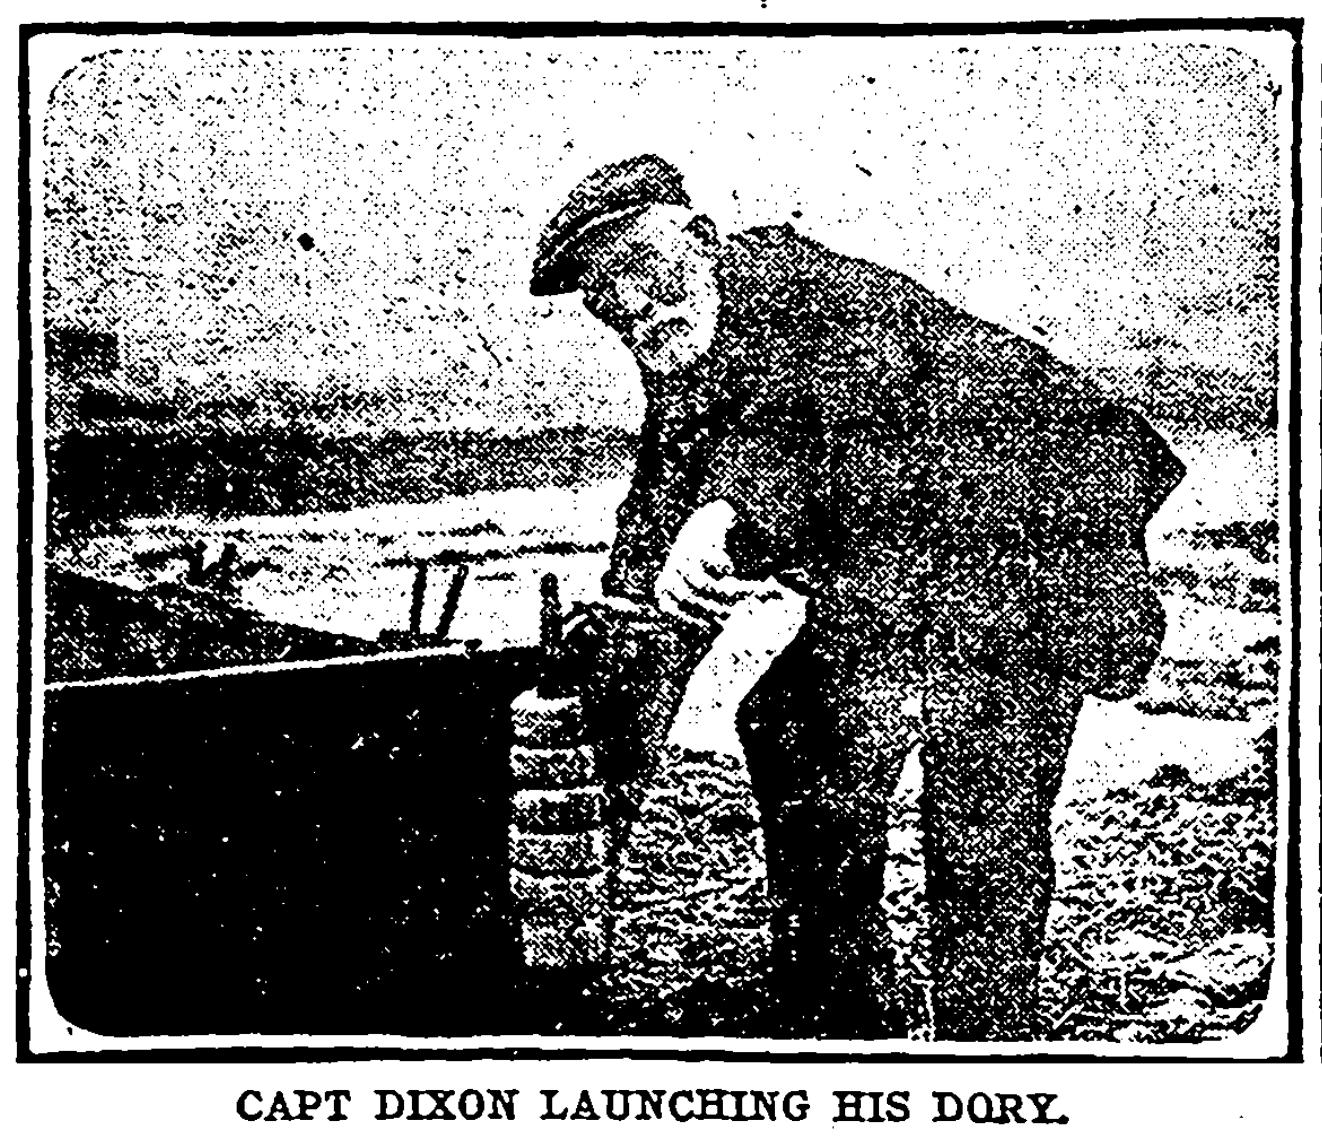 Capt Comfort Dixon